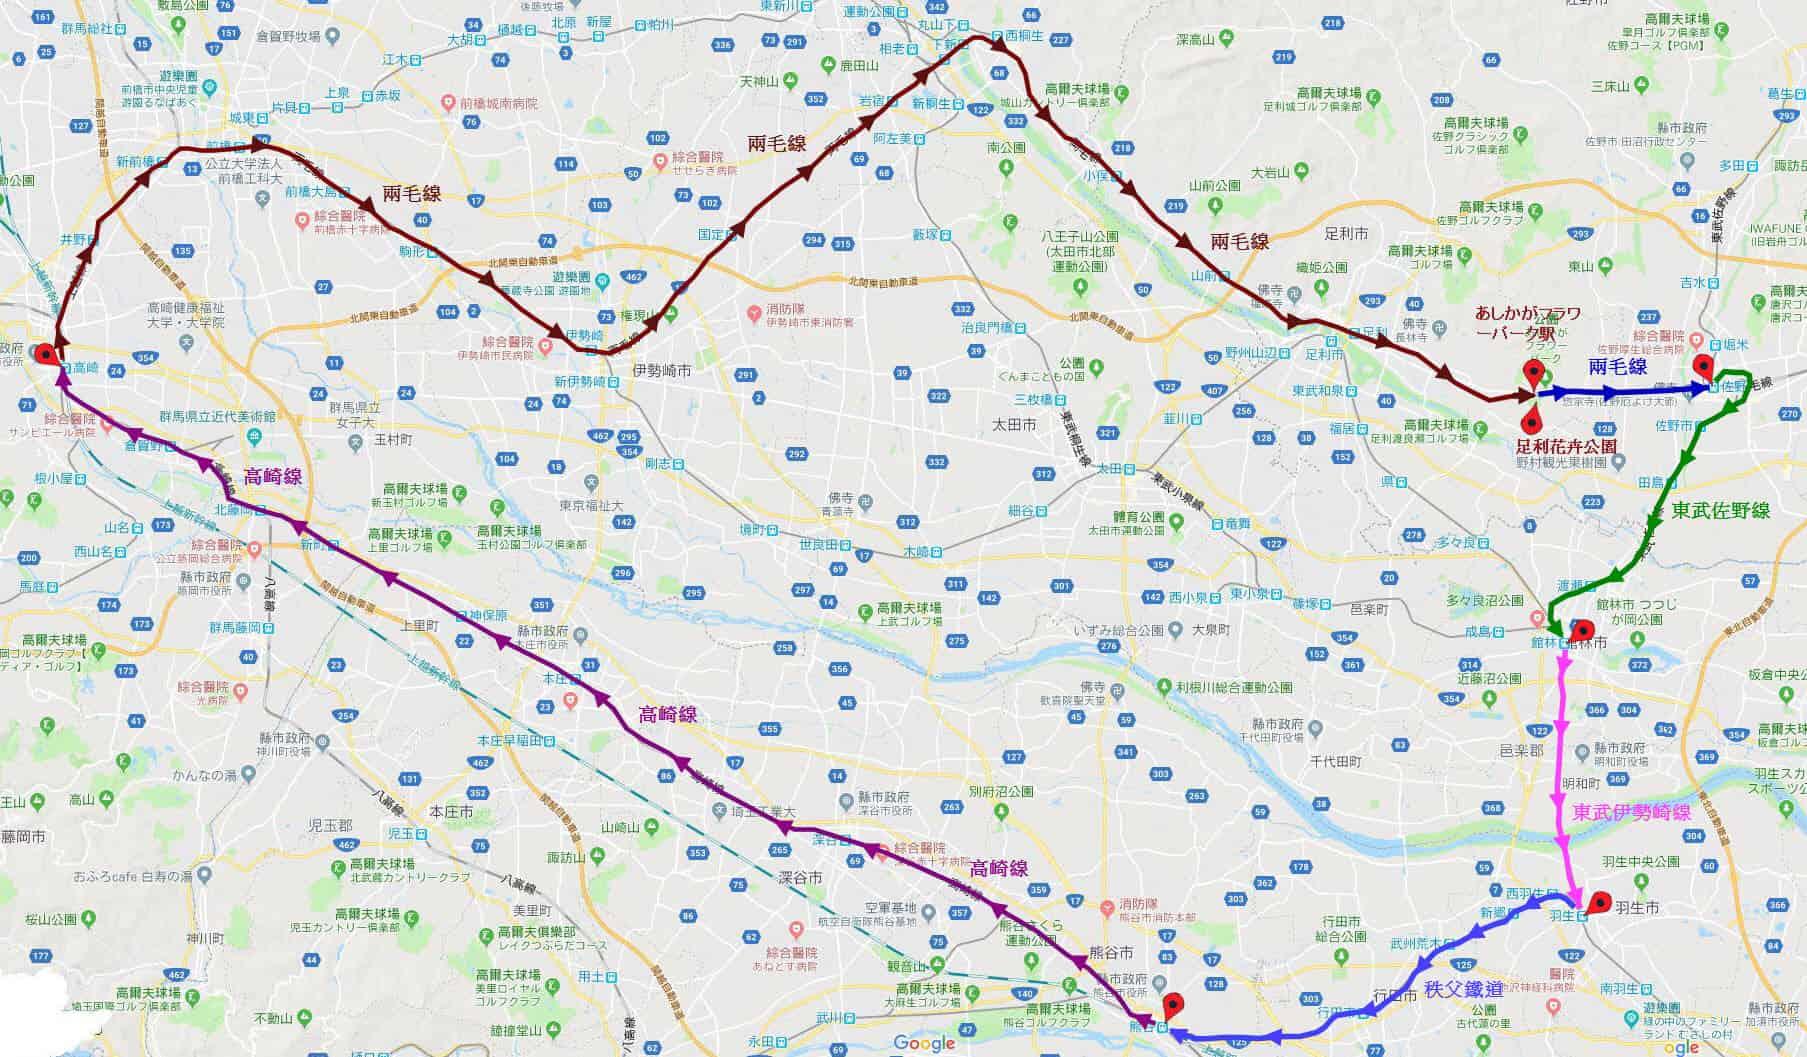 足利花卉公園 往 熊谷市路線地圖